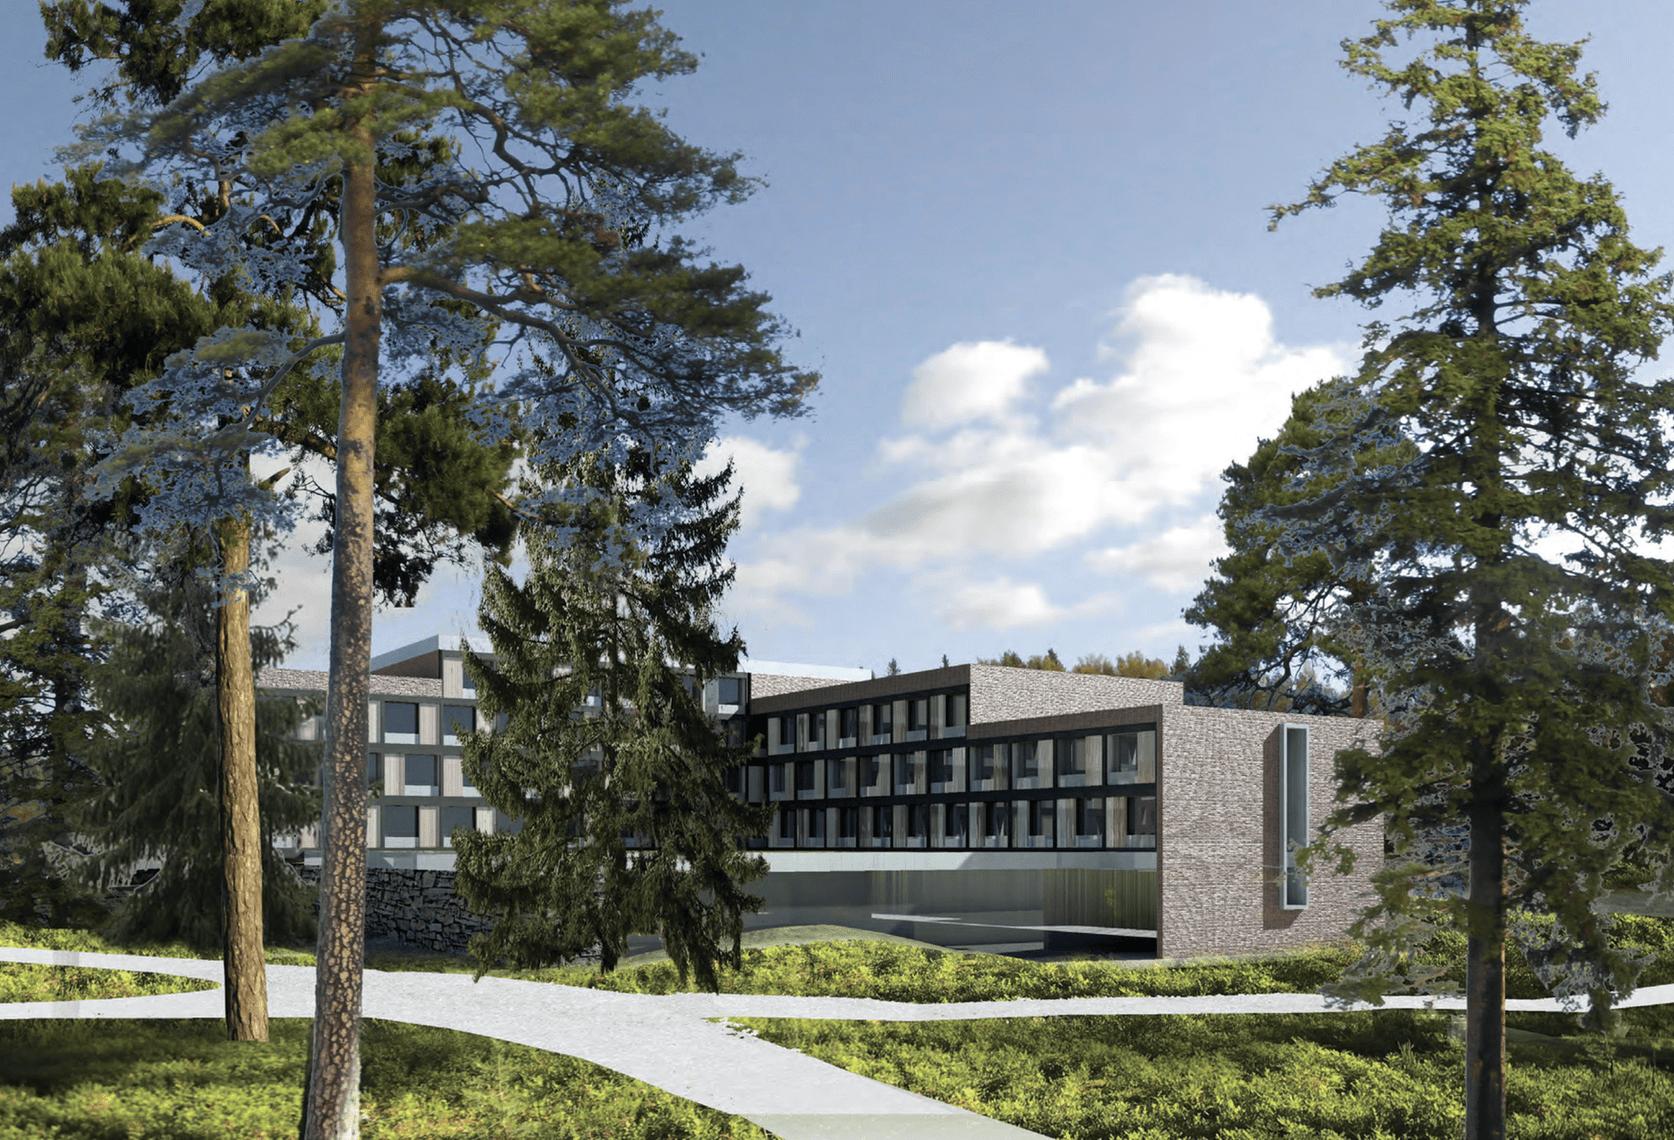 Luonnos Hotel Rantapuiston uudesta hotellirakennuksesta Furuborginkadulla. Luonnos: Arkkitehtityöhuone APRT Oy